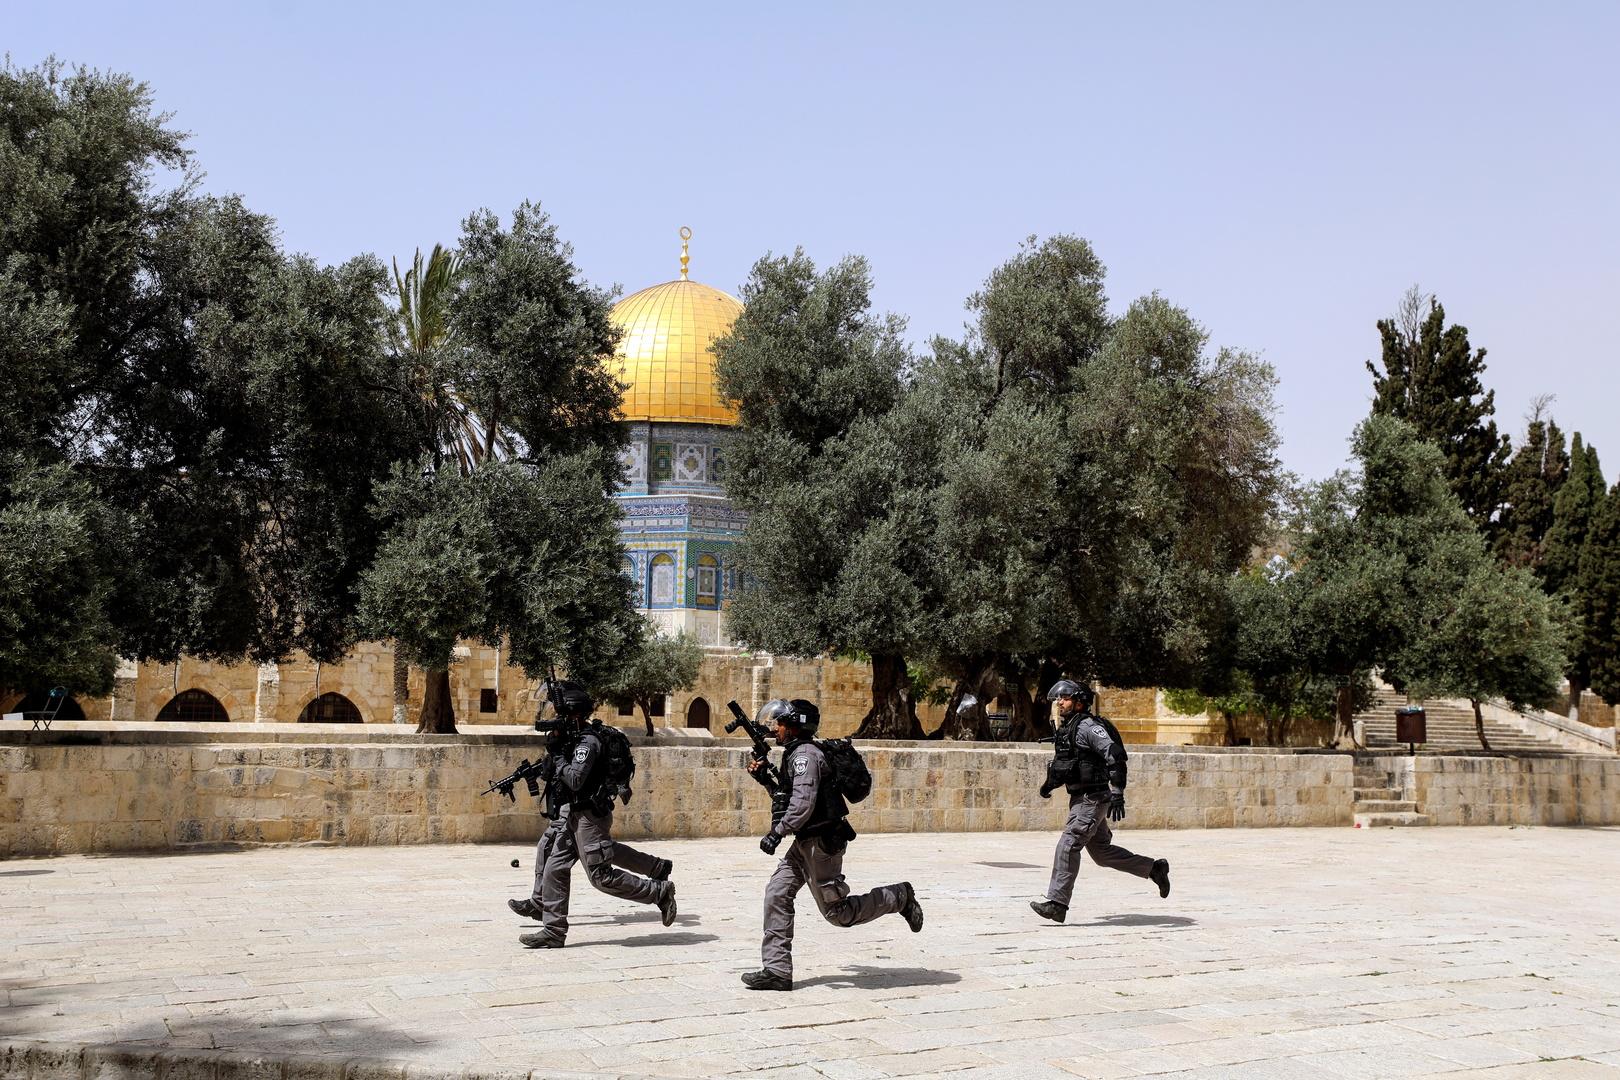 موسكو تعرب عن قلقها إزاء احتمال خروج الوضع في القدس الشرقية عن السيطرة